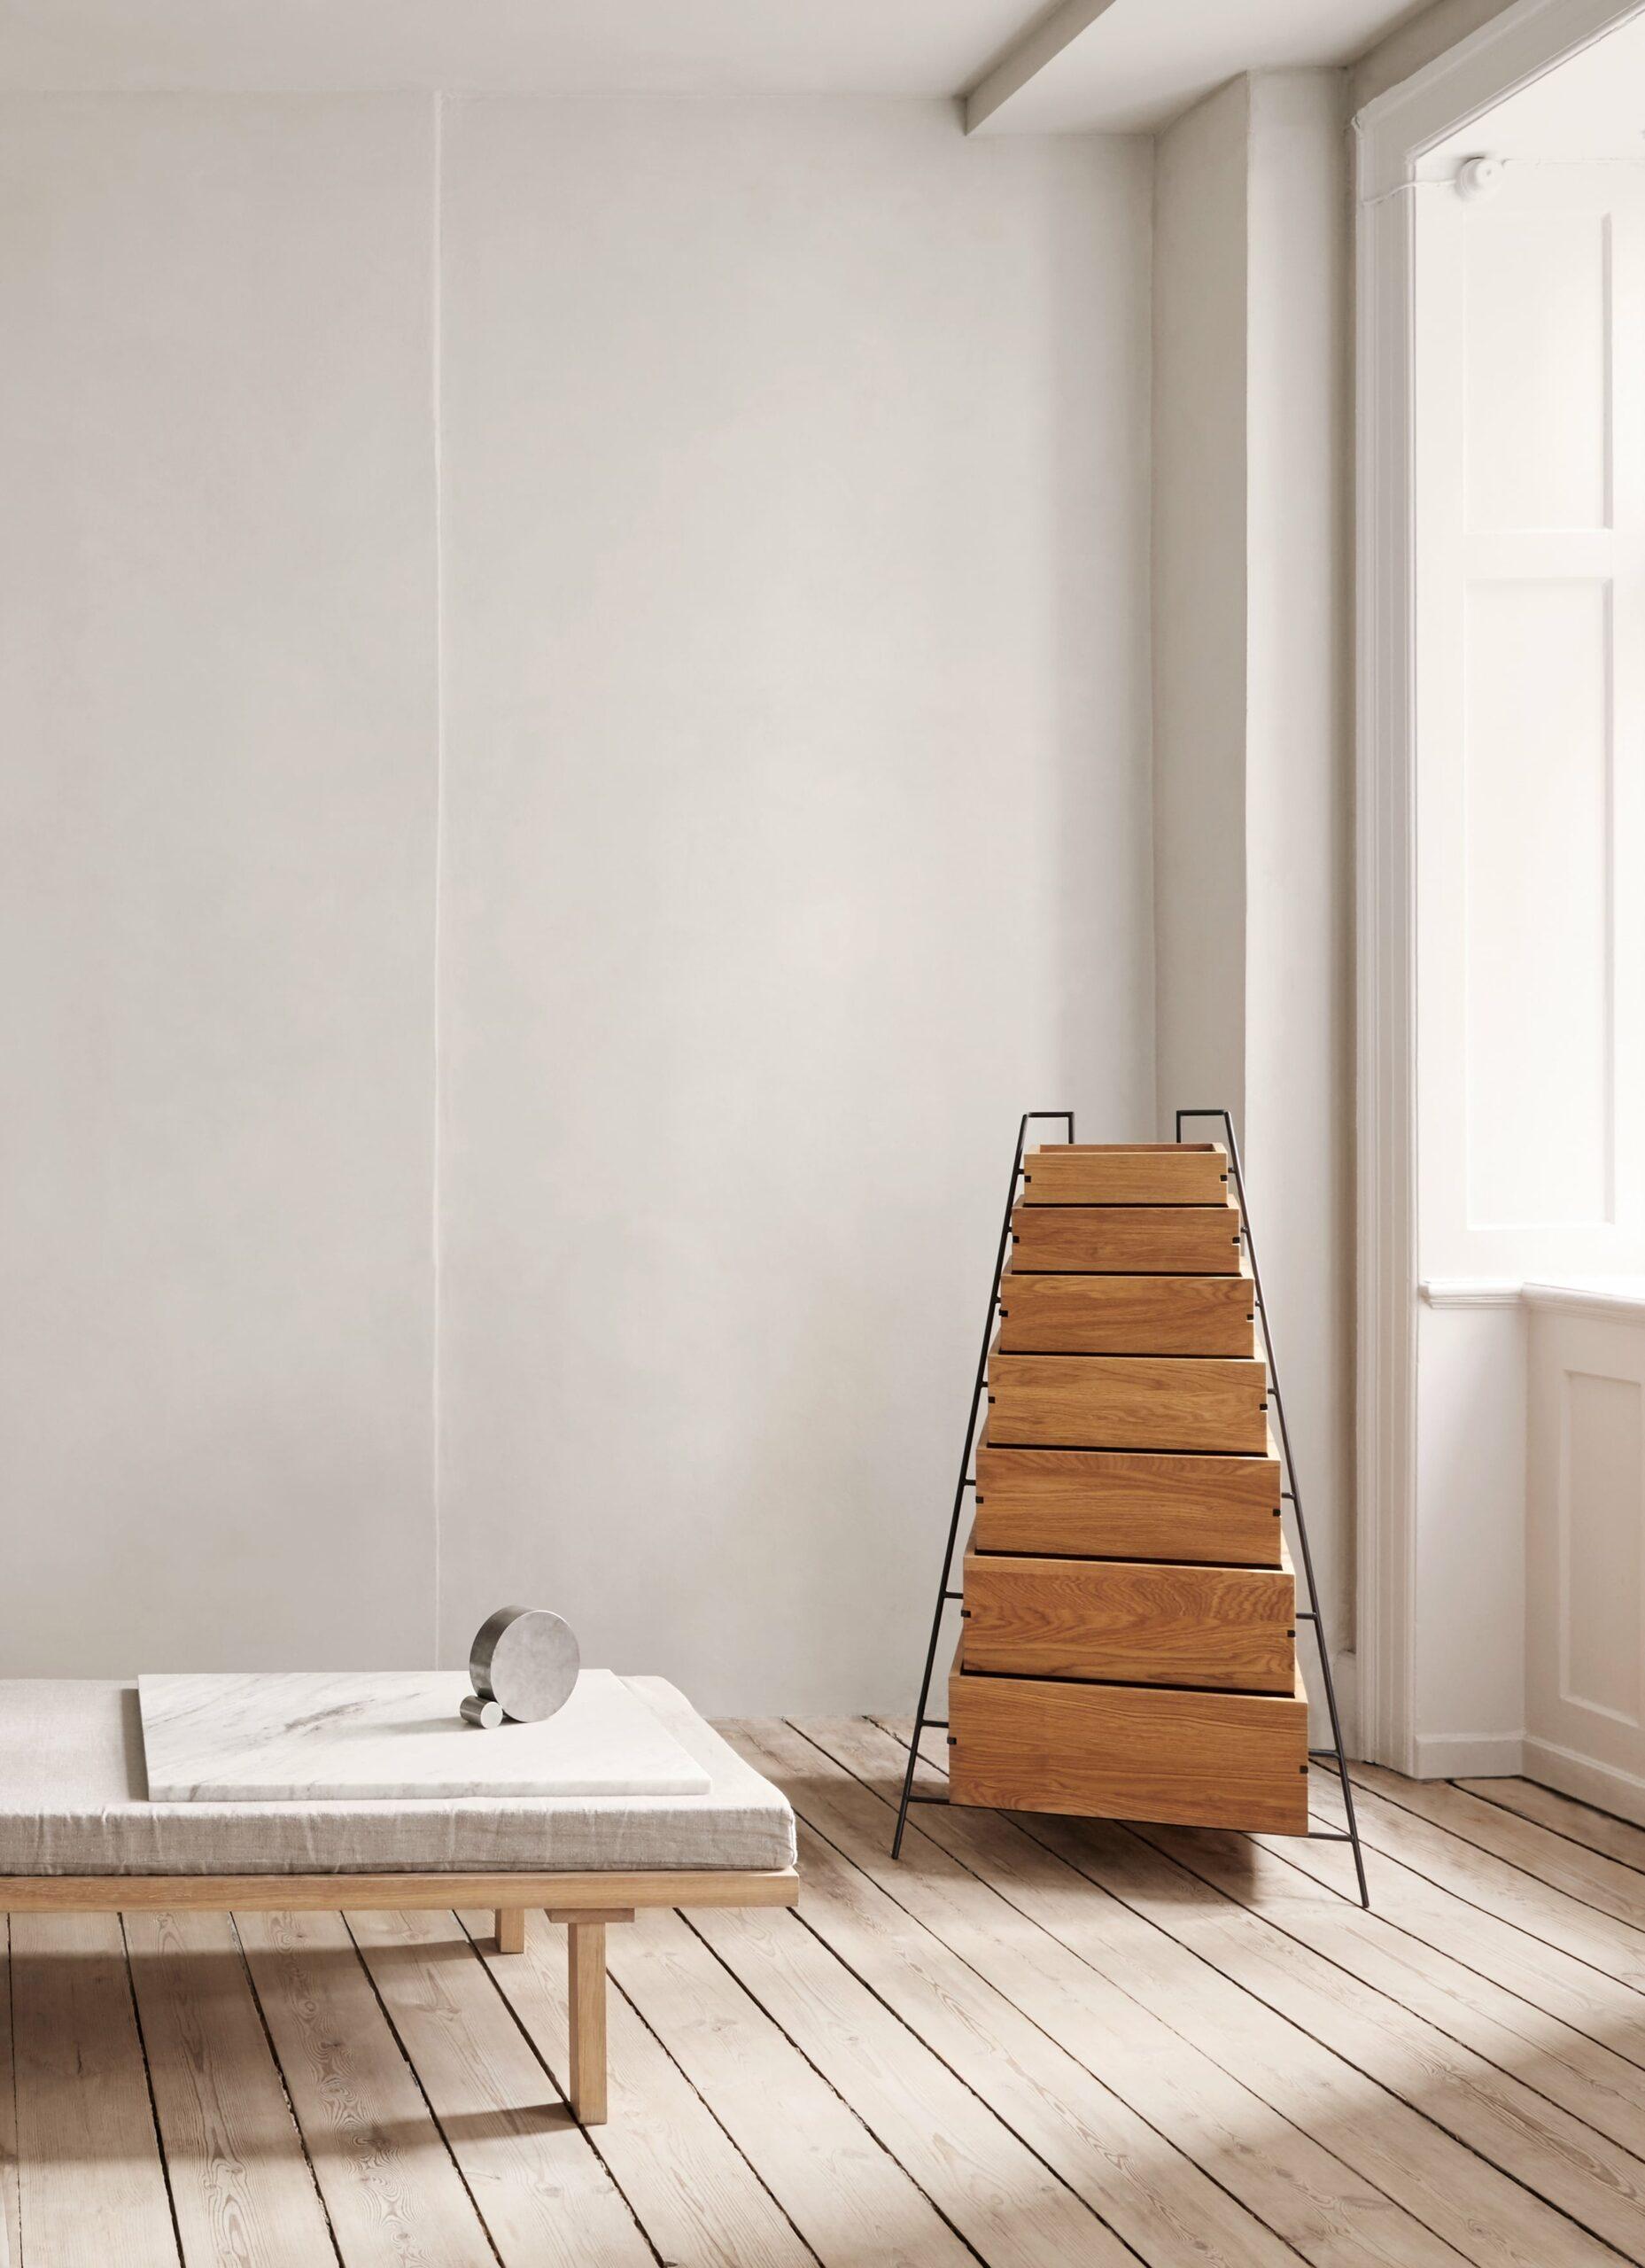 volta_frama_studio_concept-store-vienna-shop-online-interior-design-home-goods-minimalism-contemporary-stoneware-stylist-room